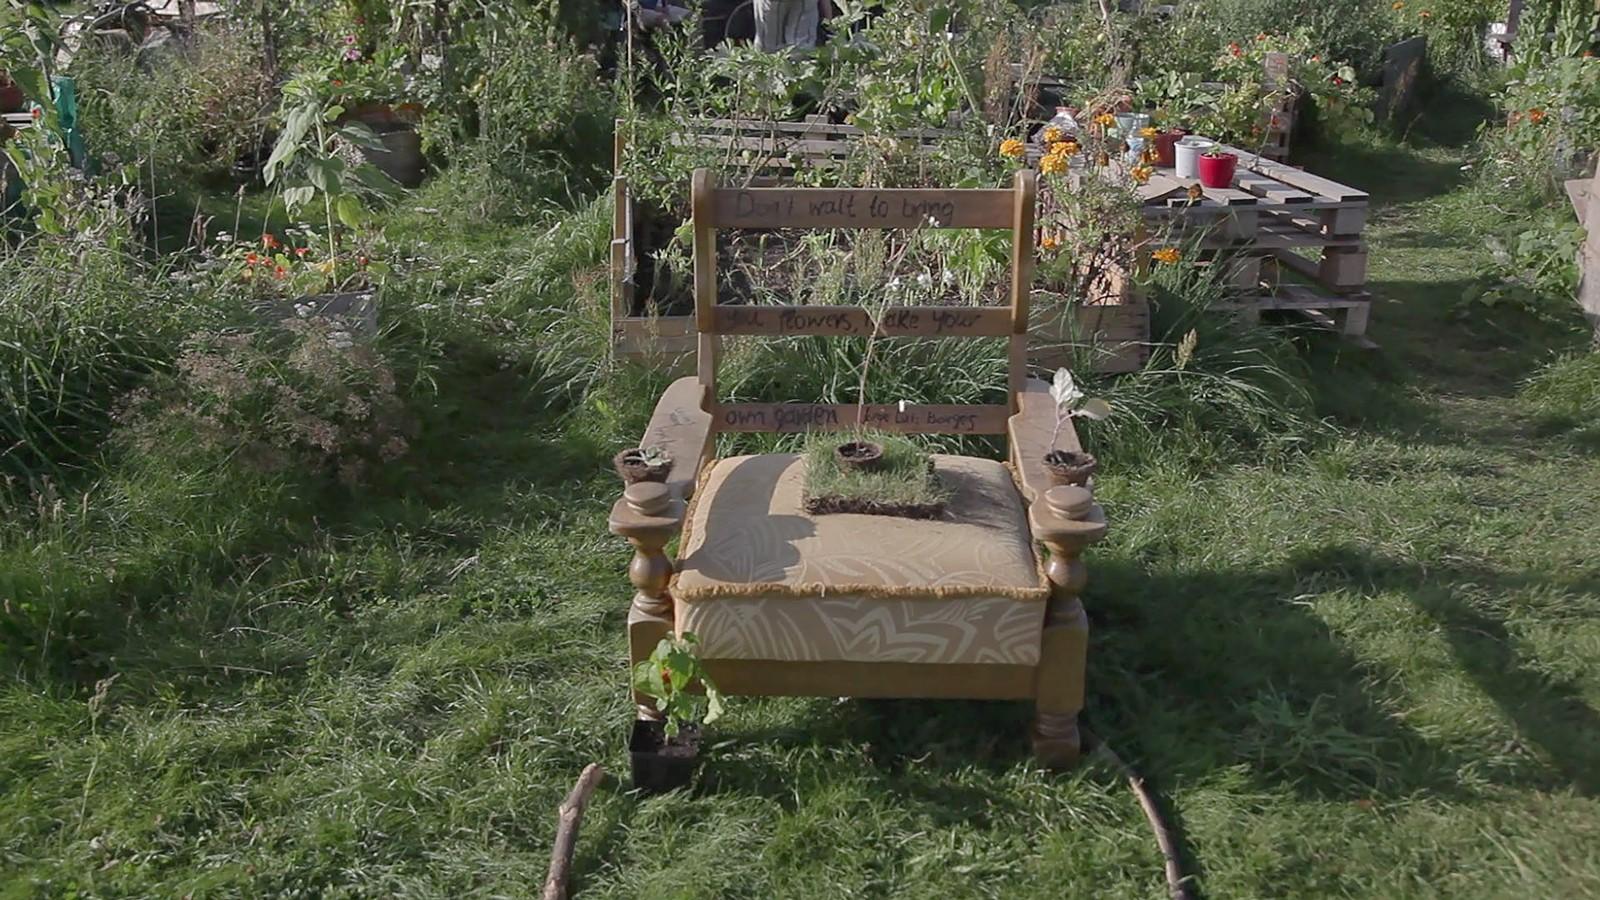 Ein Garten mit mehreren Beeten, in der Mitte steht ein alter Sessel, aus dem eine Pflanze wächst.